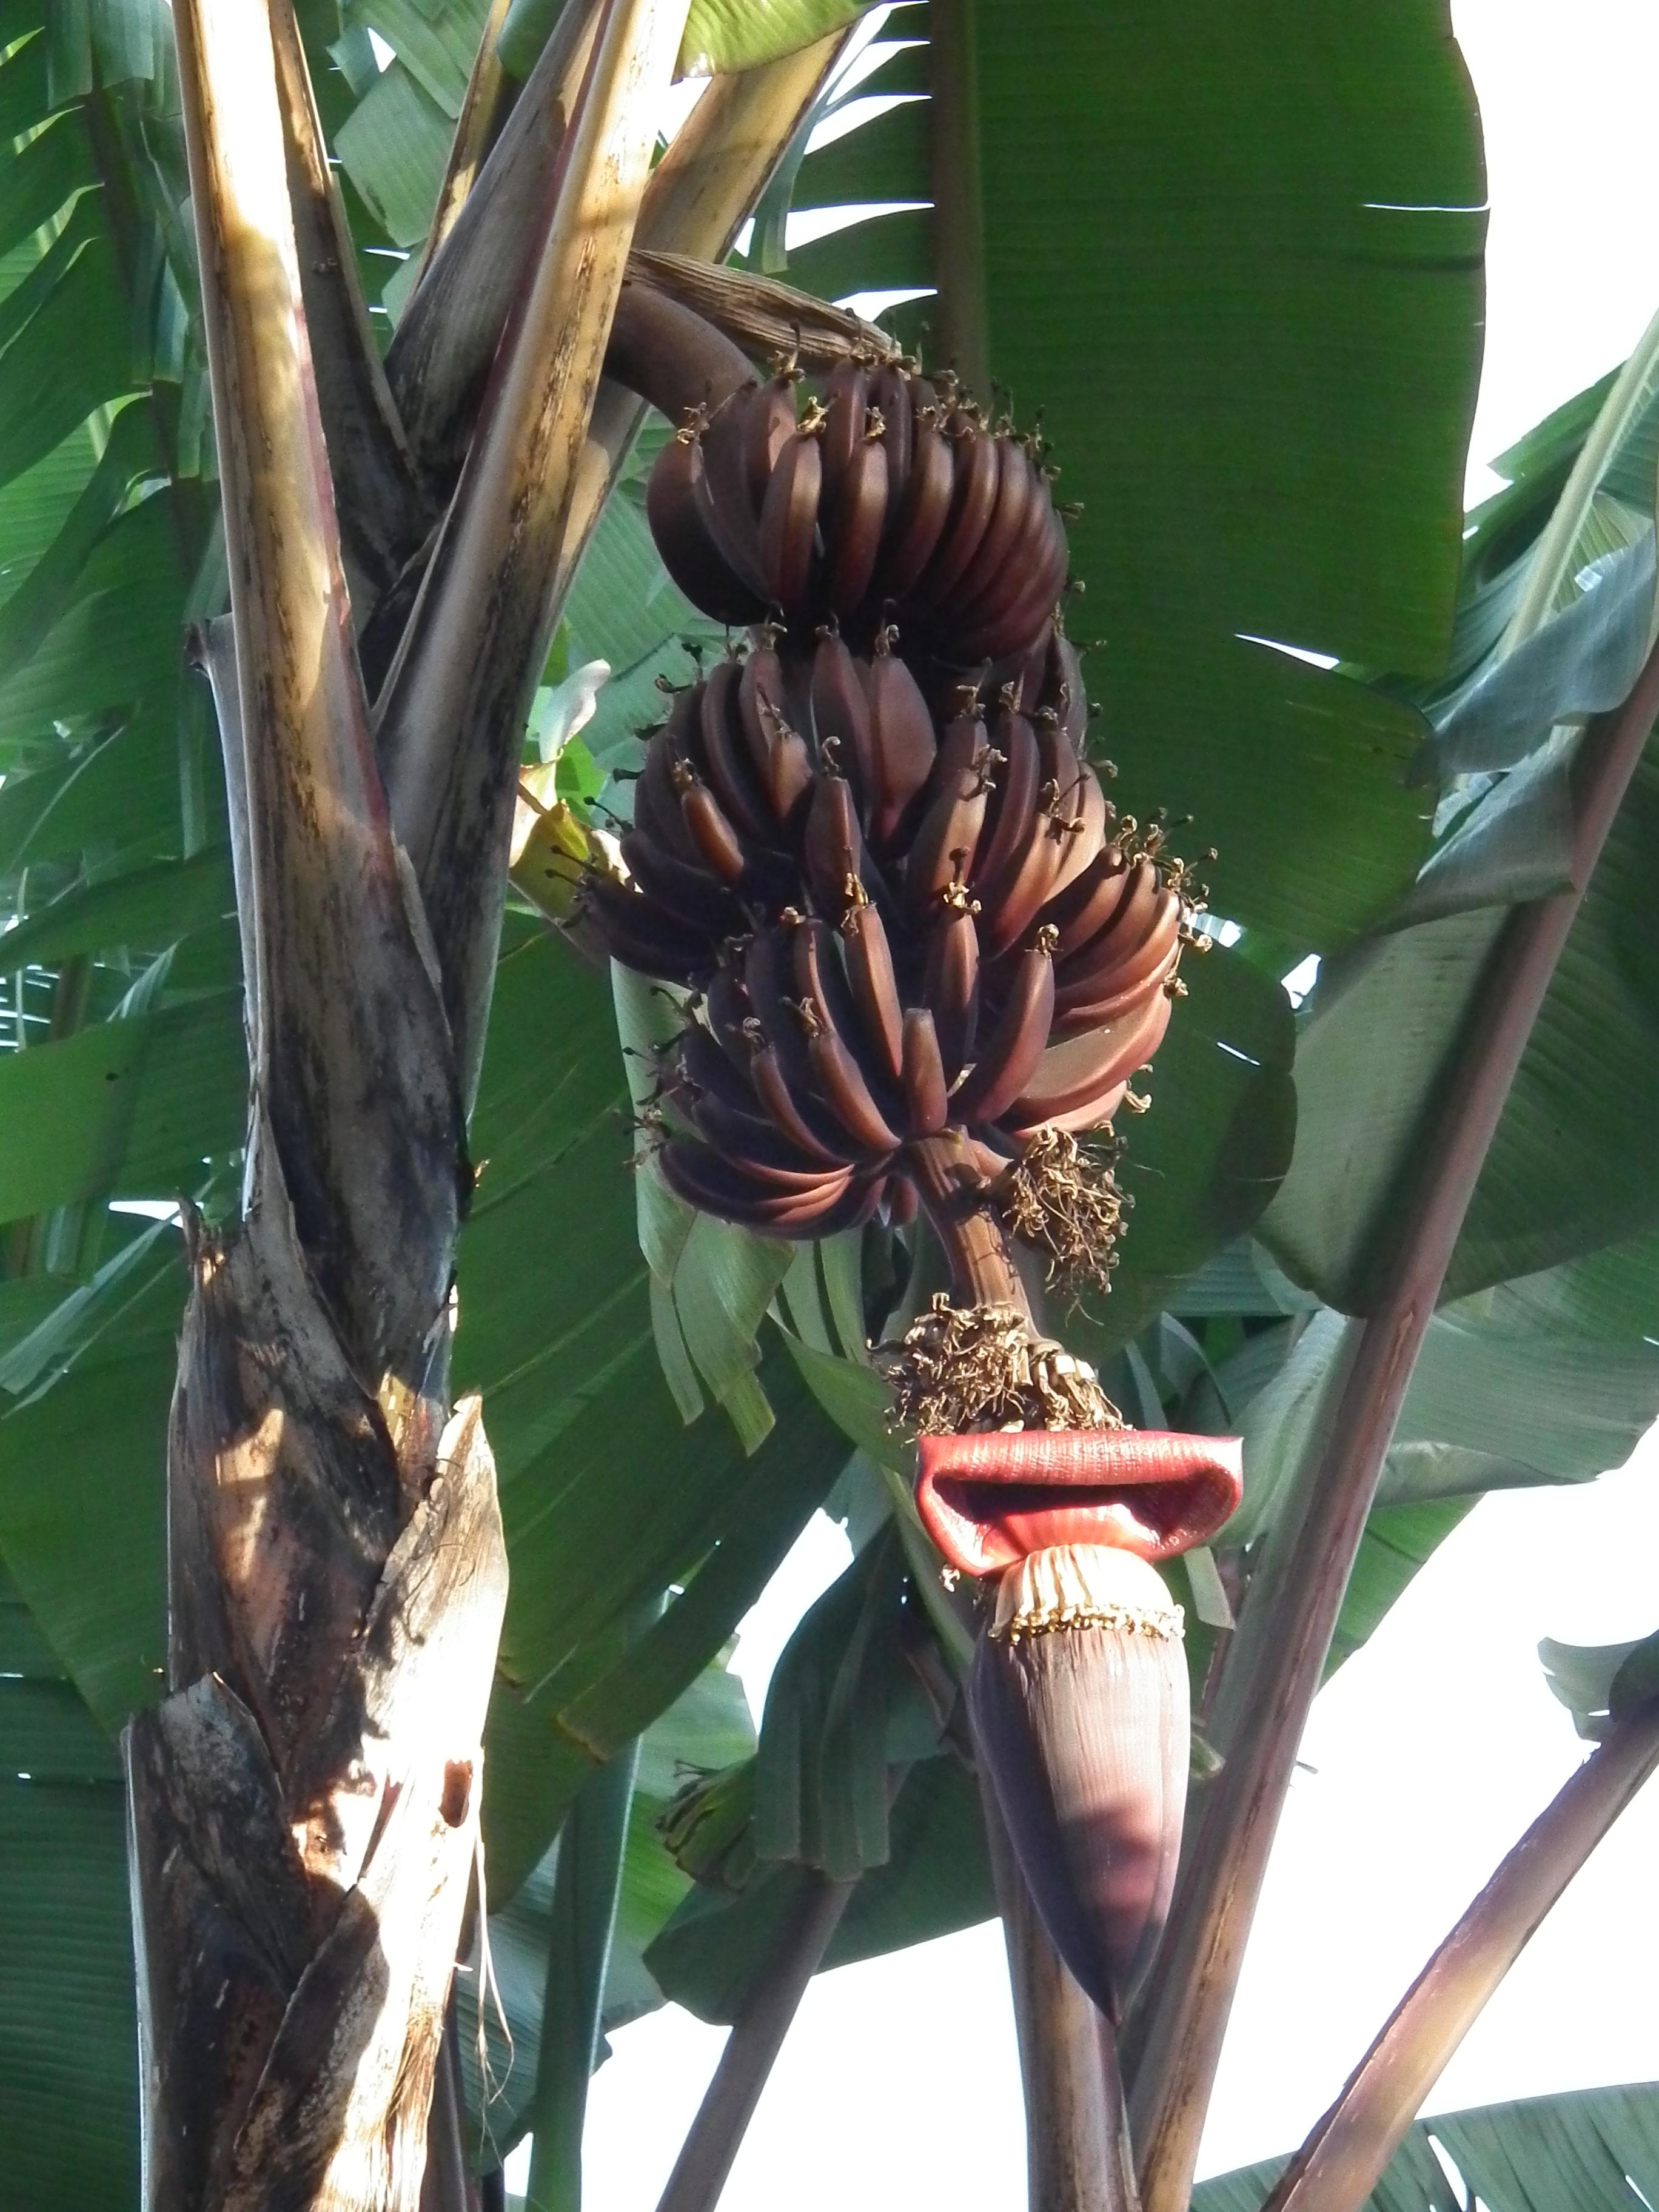 Red_banana_in_Tanzania_0196_Nevit - Unsa toy pangalan aning klaseha sa saging? - Pulong Bisaya